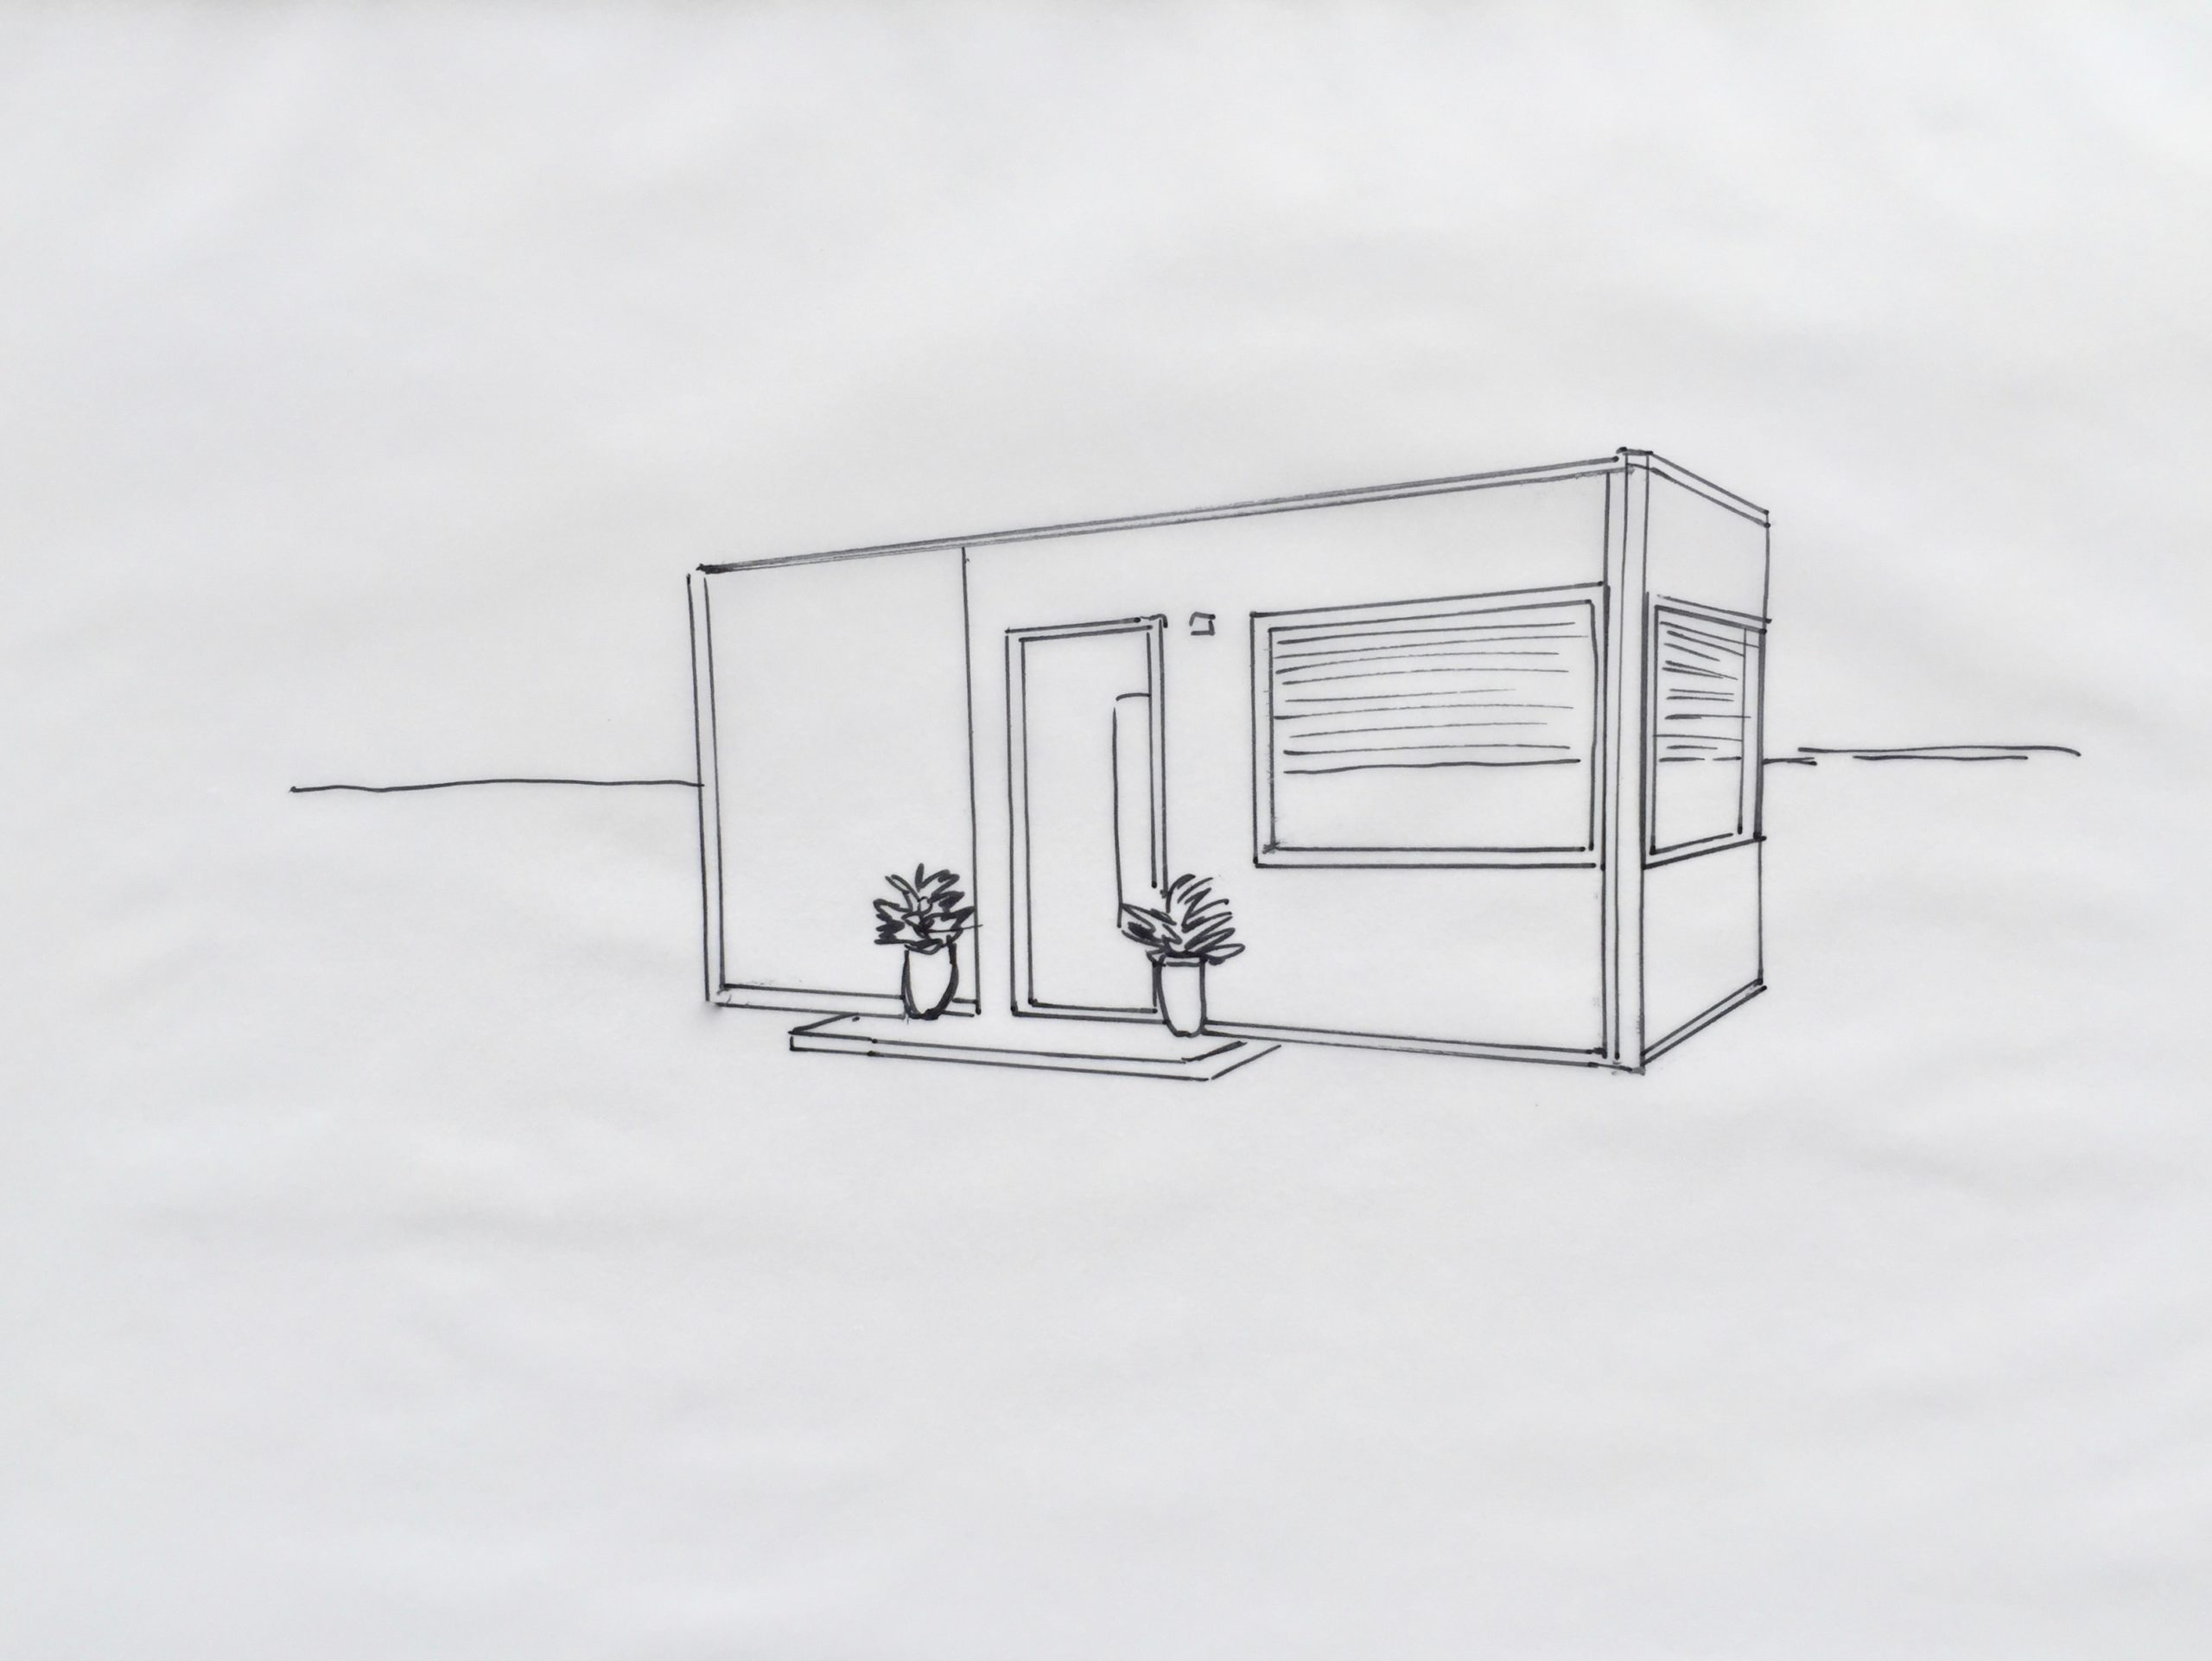 Baufinanzierung –Skizze: Ein »Tiny House« bauen ist vielleicht die Lösung für Singles, bei Platzmangel in der Stadt, kleinem Budget ... Rechnen Sie bei der FianzKanzlei Bayern mit Alternativen.